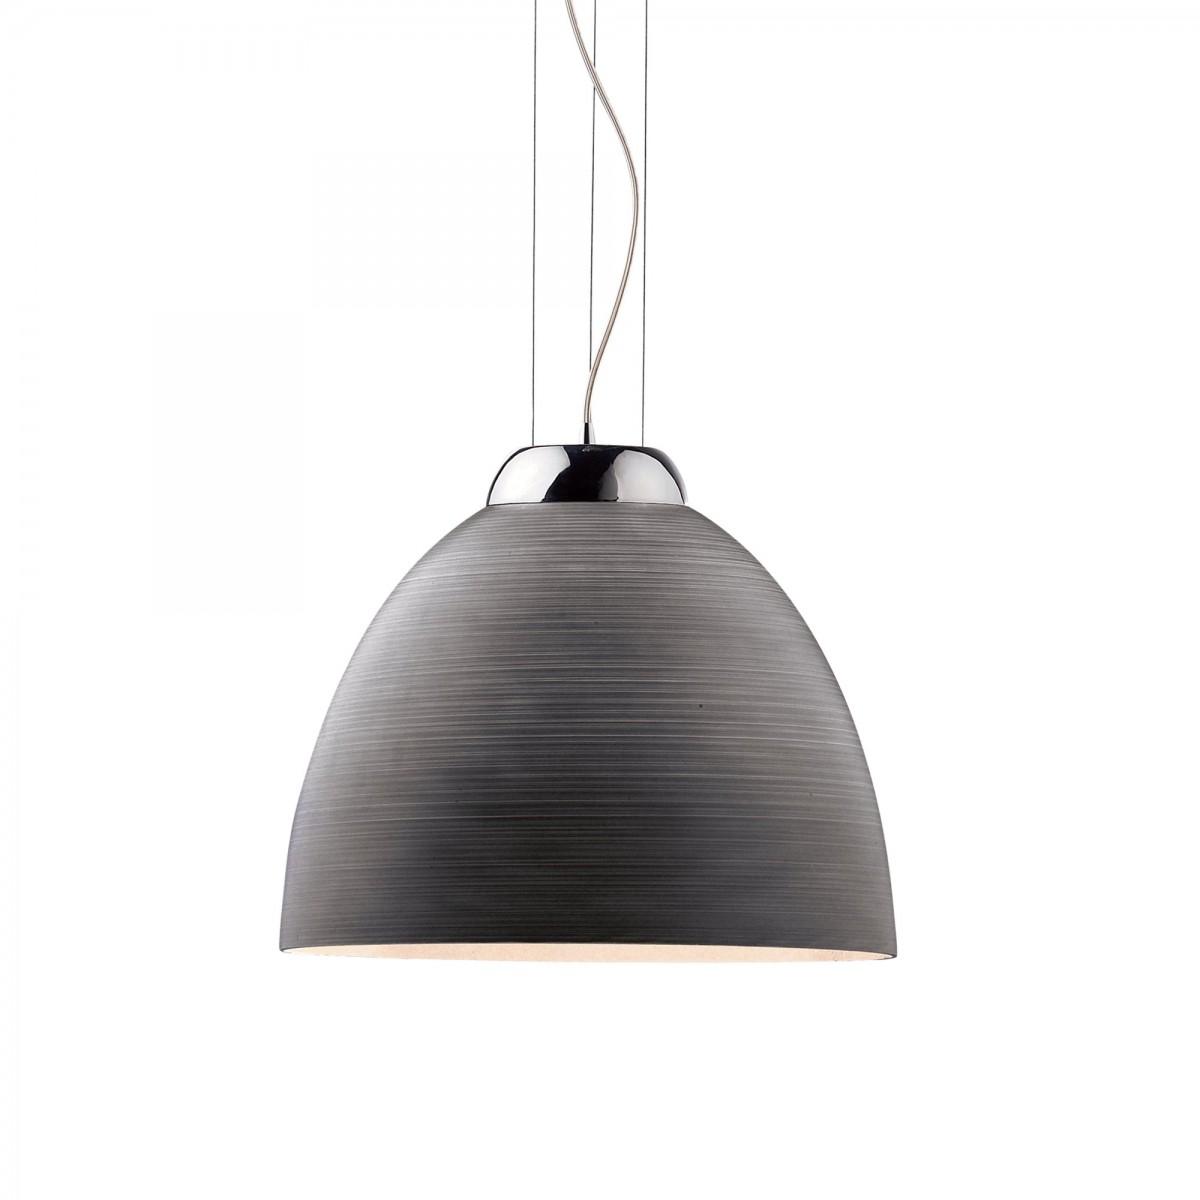 závěsné svítidlo - lustr Ideal lux Tolomeo 001821 SP1 1x100W E27 - šedá